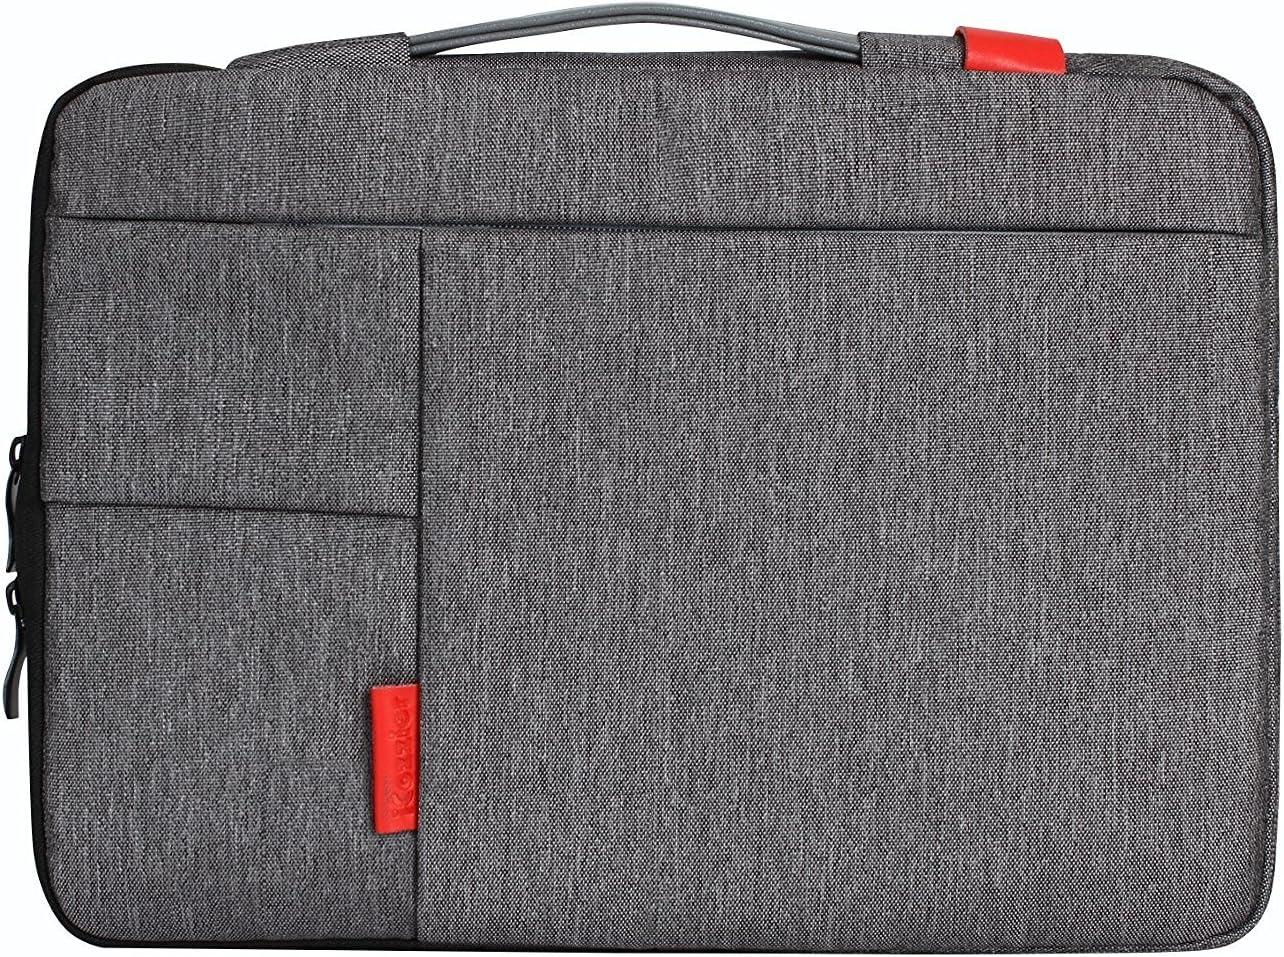 Icozzier 11 6 Zoll Laptoptasche Mit Griff Tragbare Elektronik